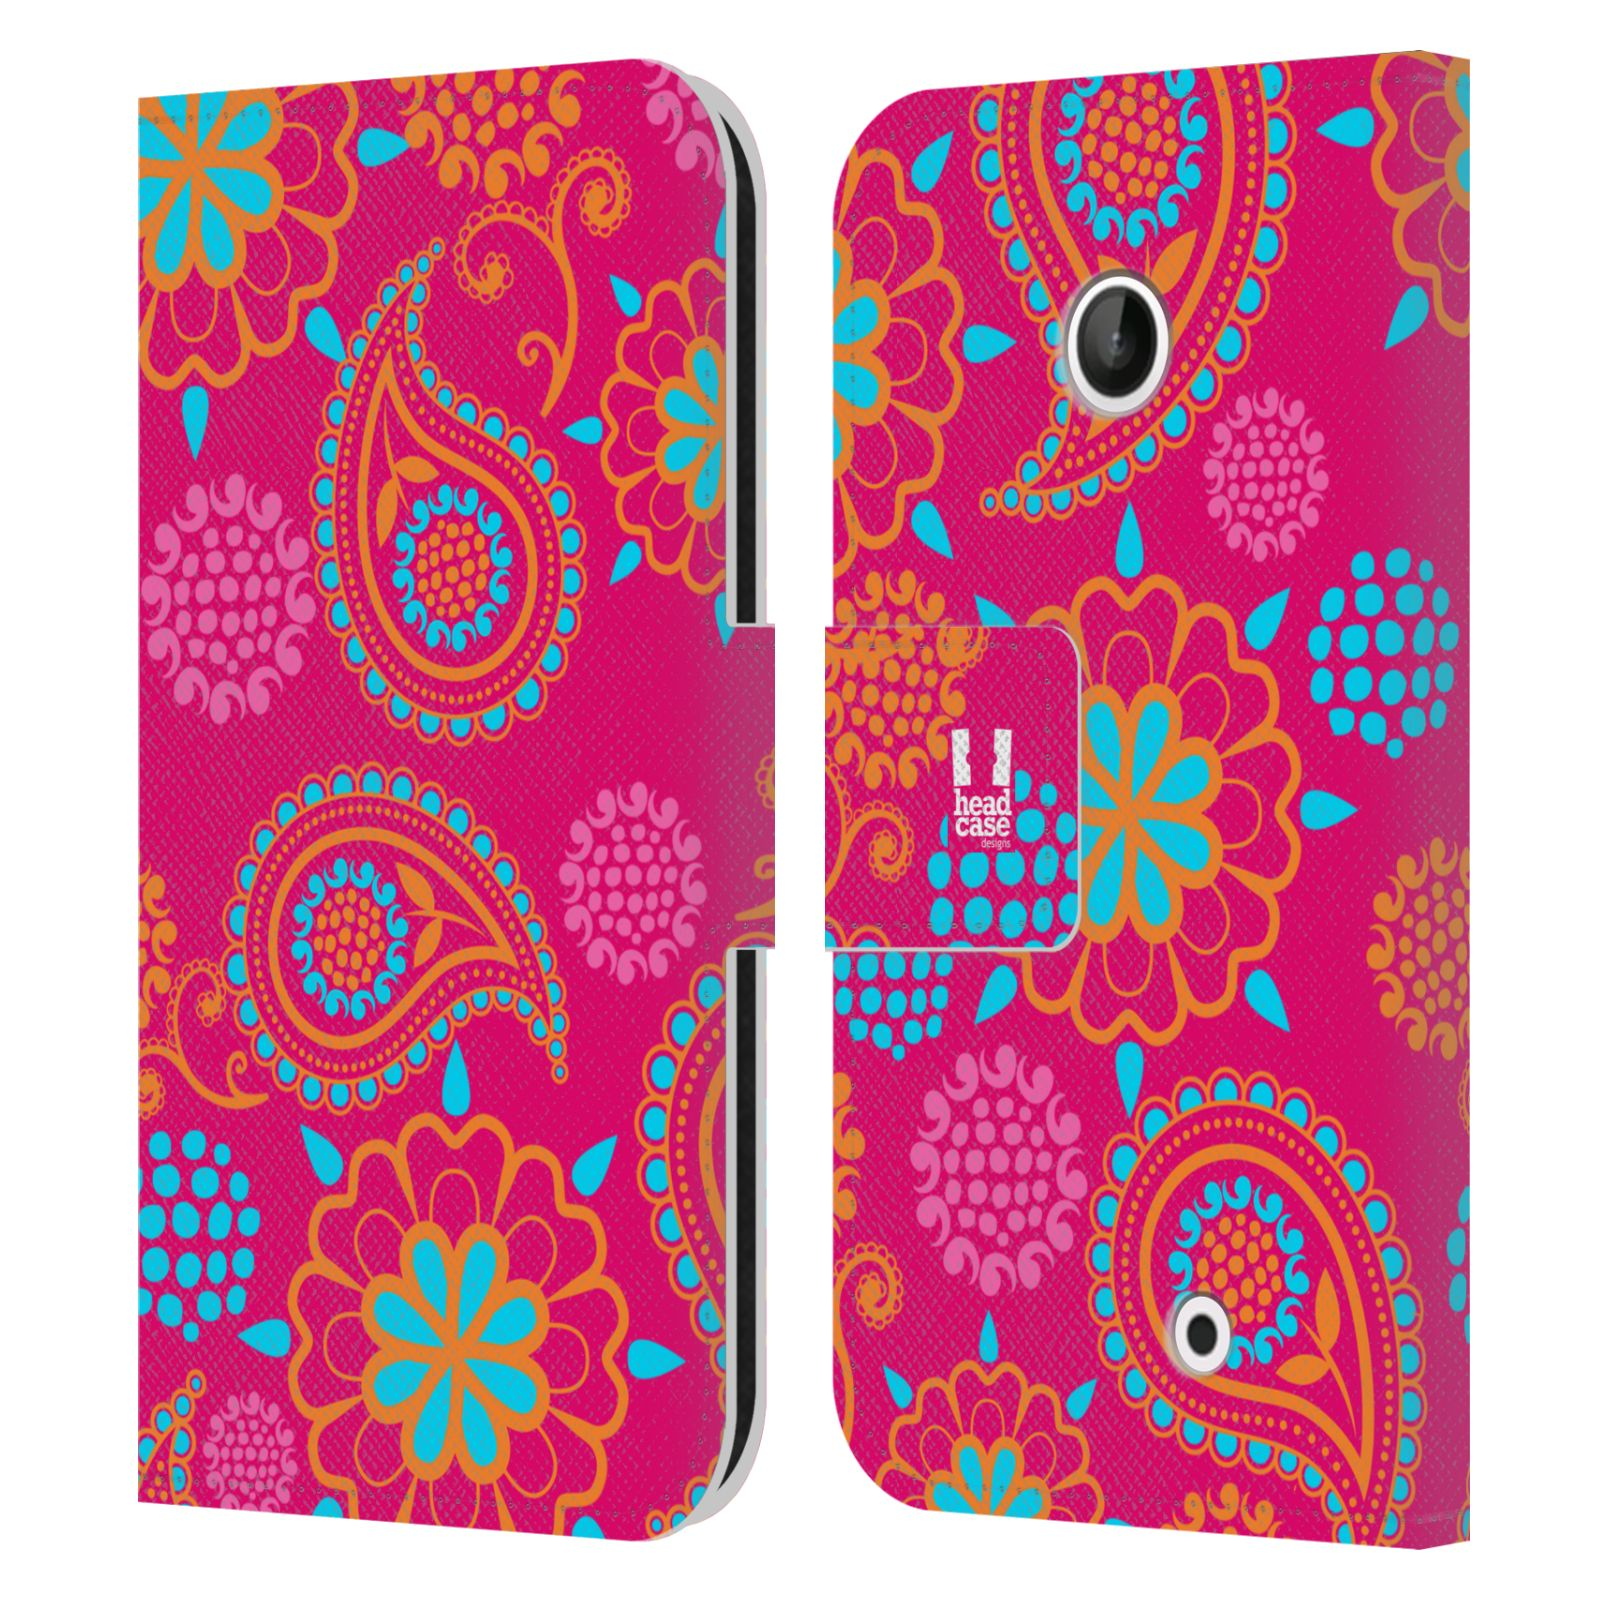 HEAD CASE Flipové pouzdro pro mobil NOKIA LUMIA 630 / LUMIA 630 DUAL snové slzy růžová